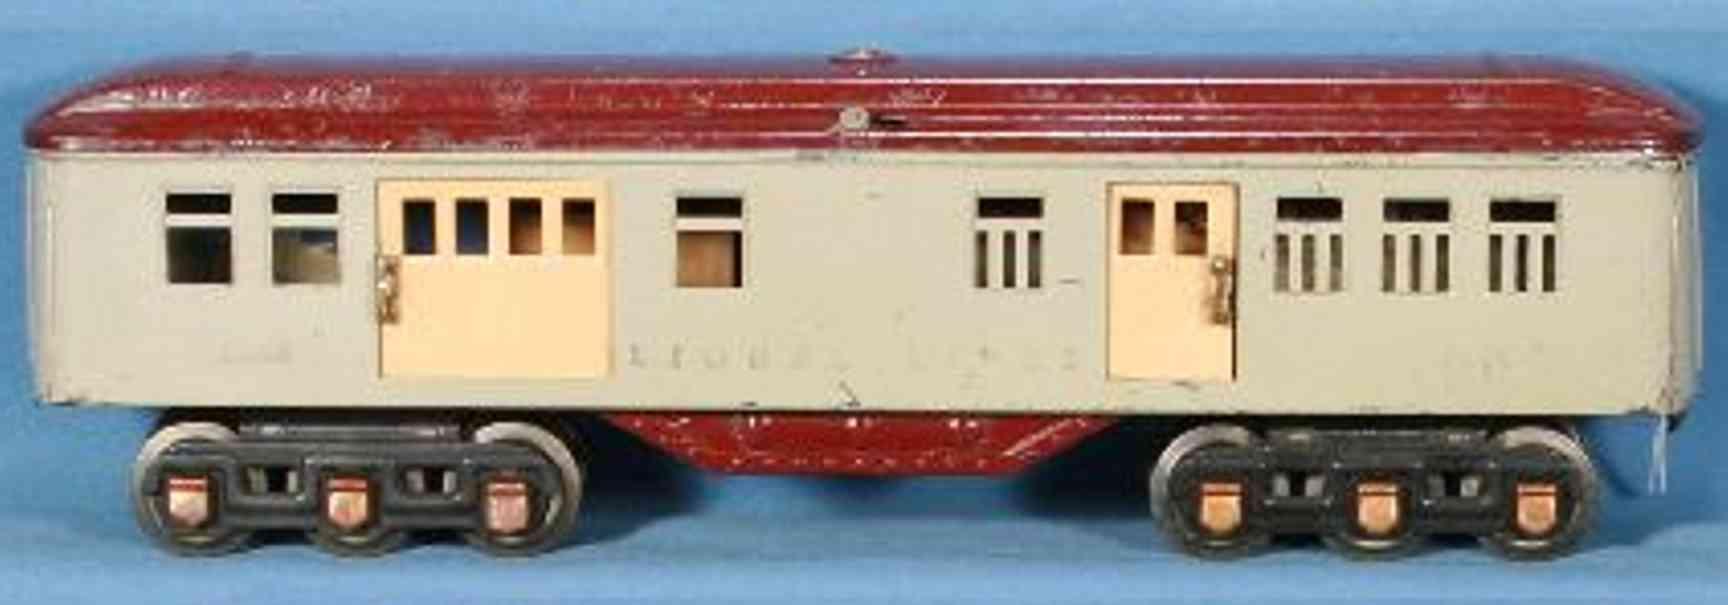 lionel 1686/I spielzeug eisenbahn personenwagen gepäckwagen in grau mit kastanienbraunem dach und untergeste